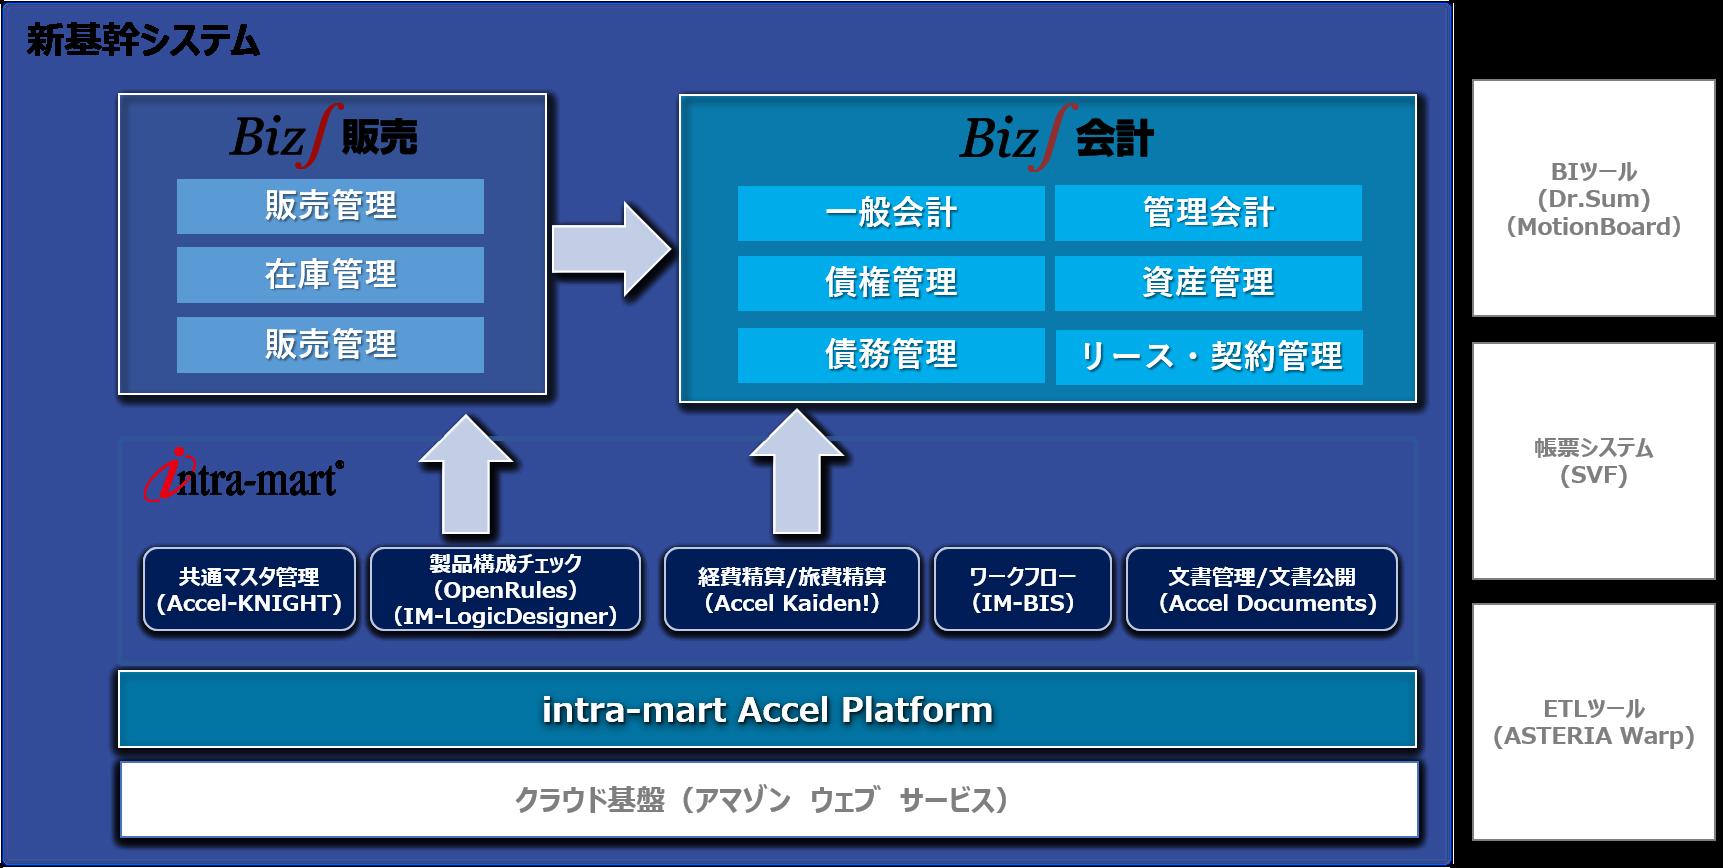 ITサービス業のERP(基幹システム)構成図(ブロードリーフ様)